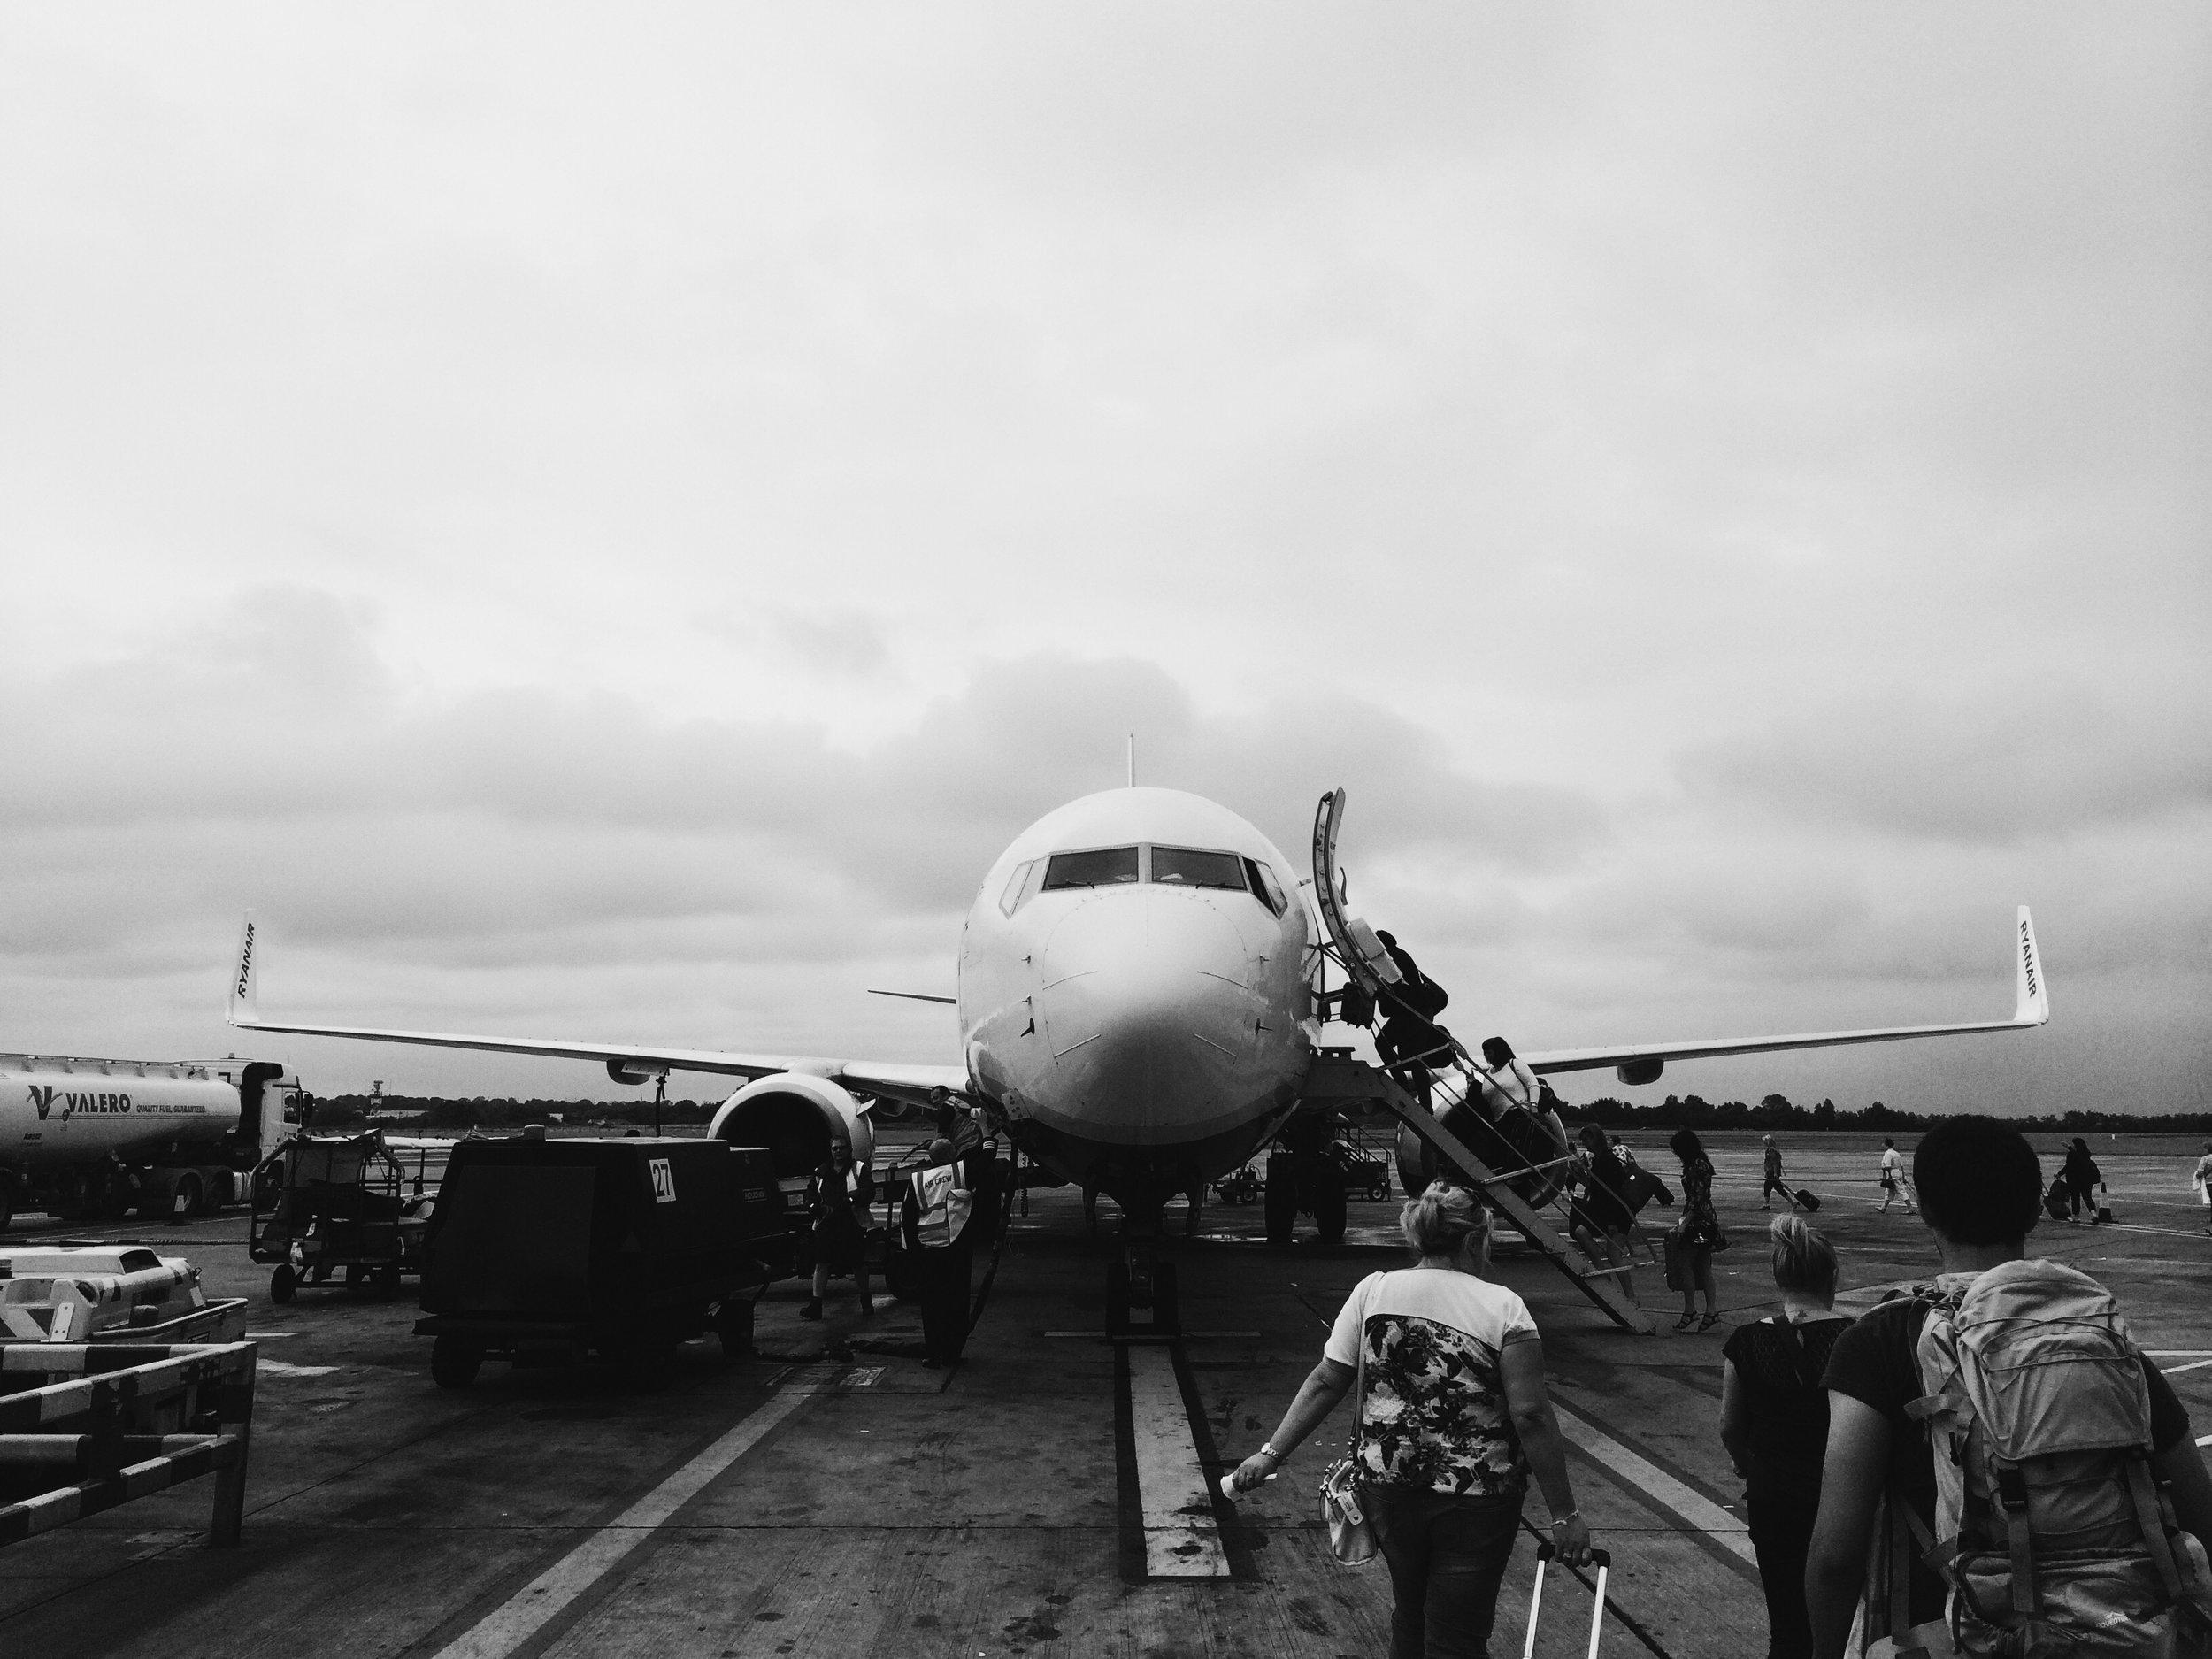 Dublin Airport, 2014